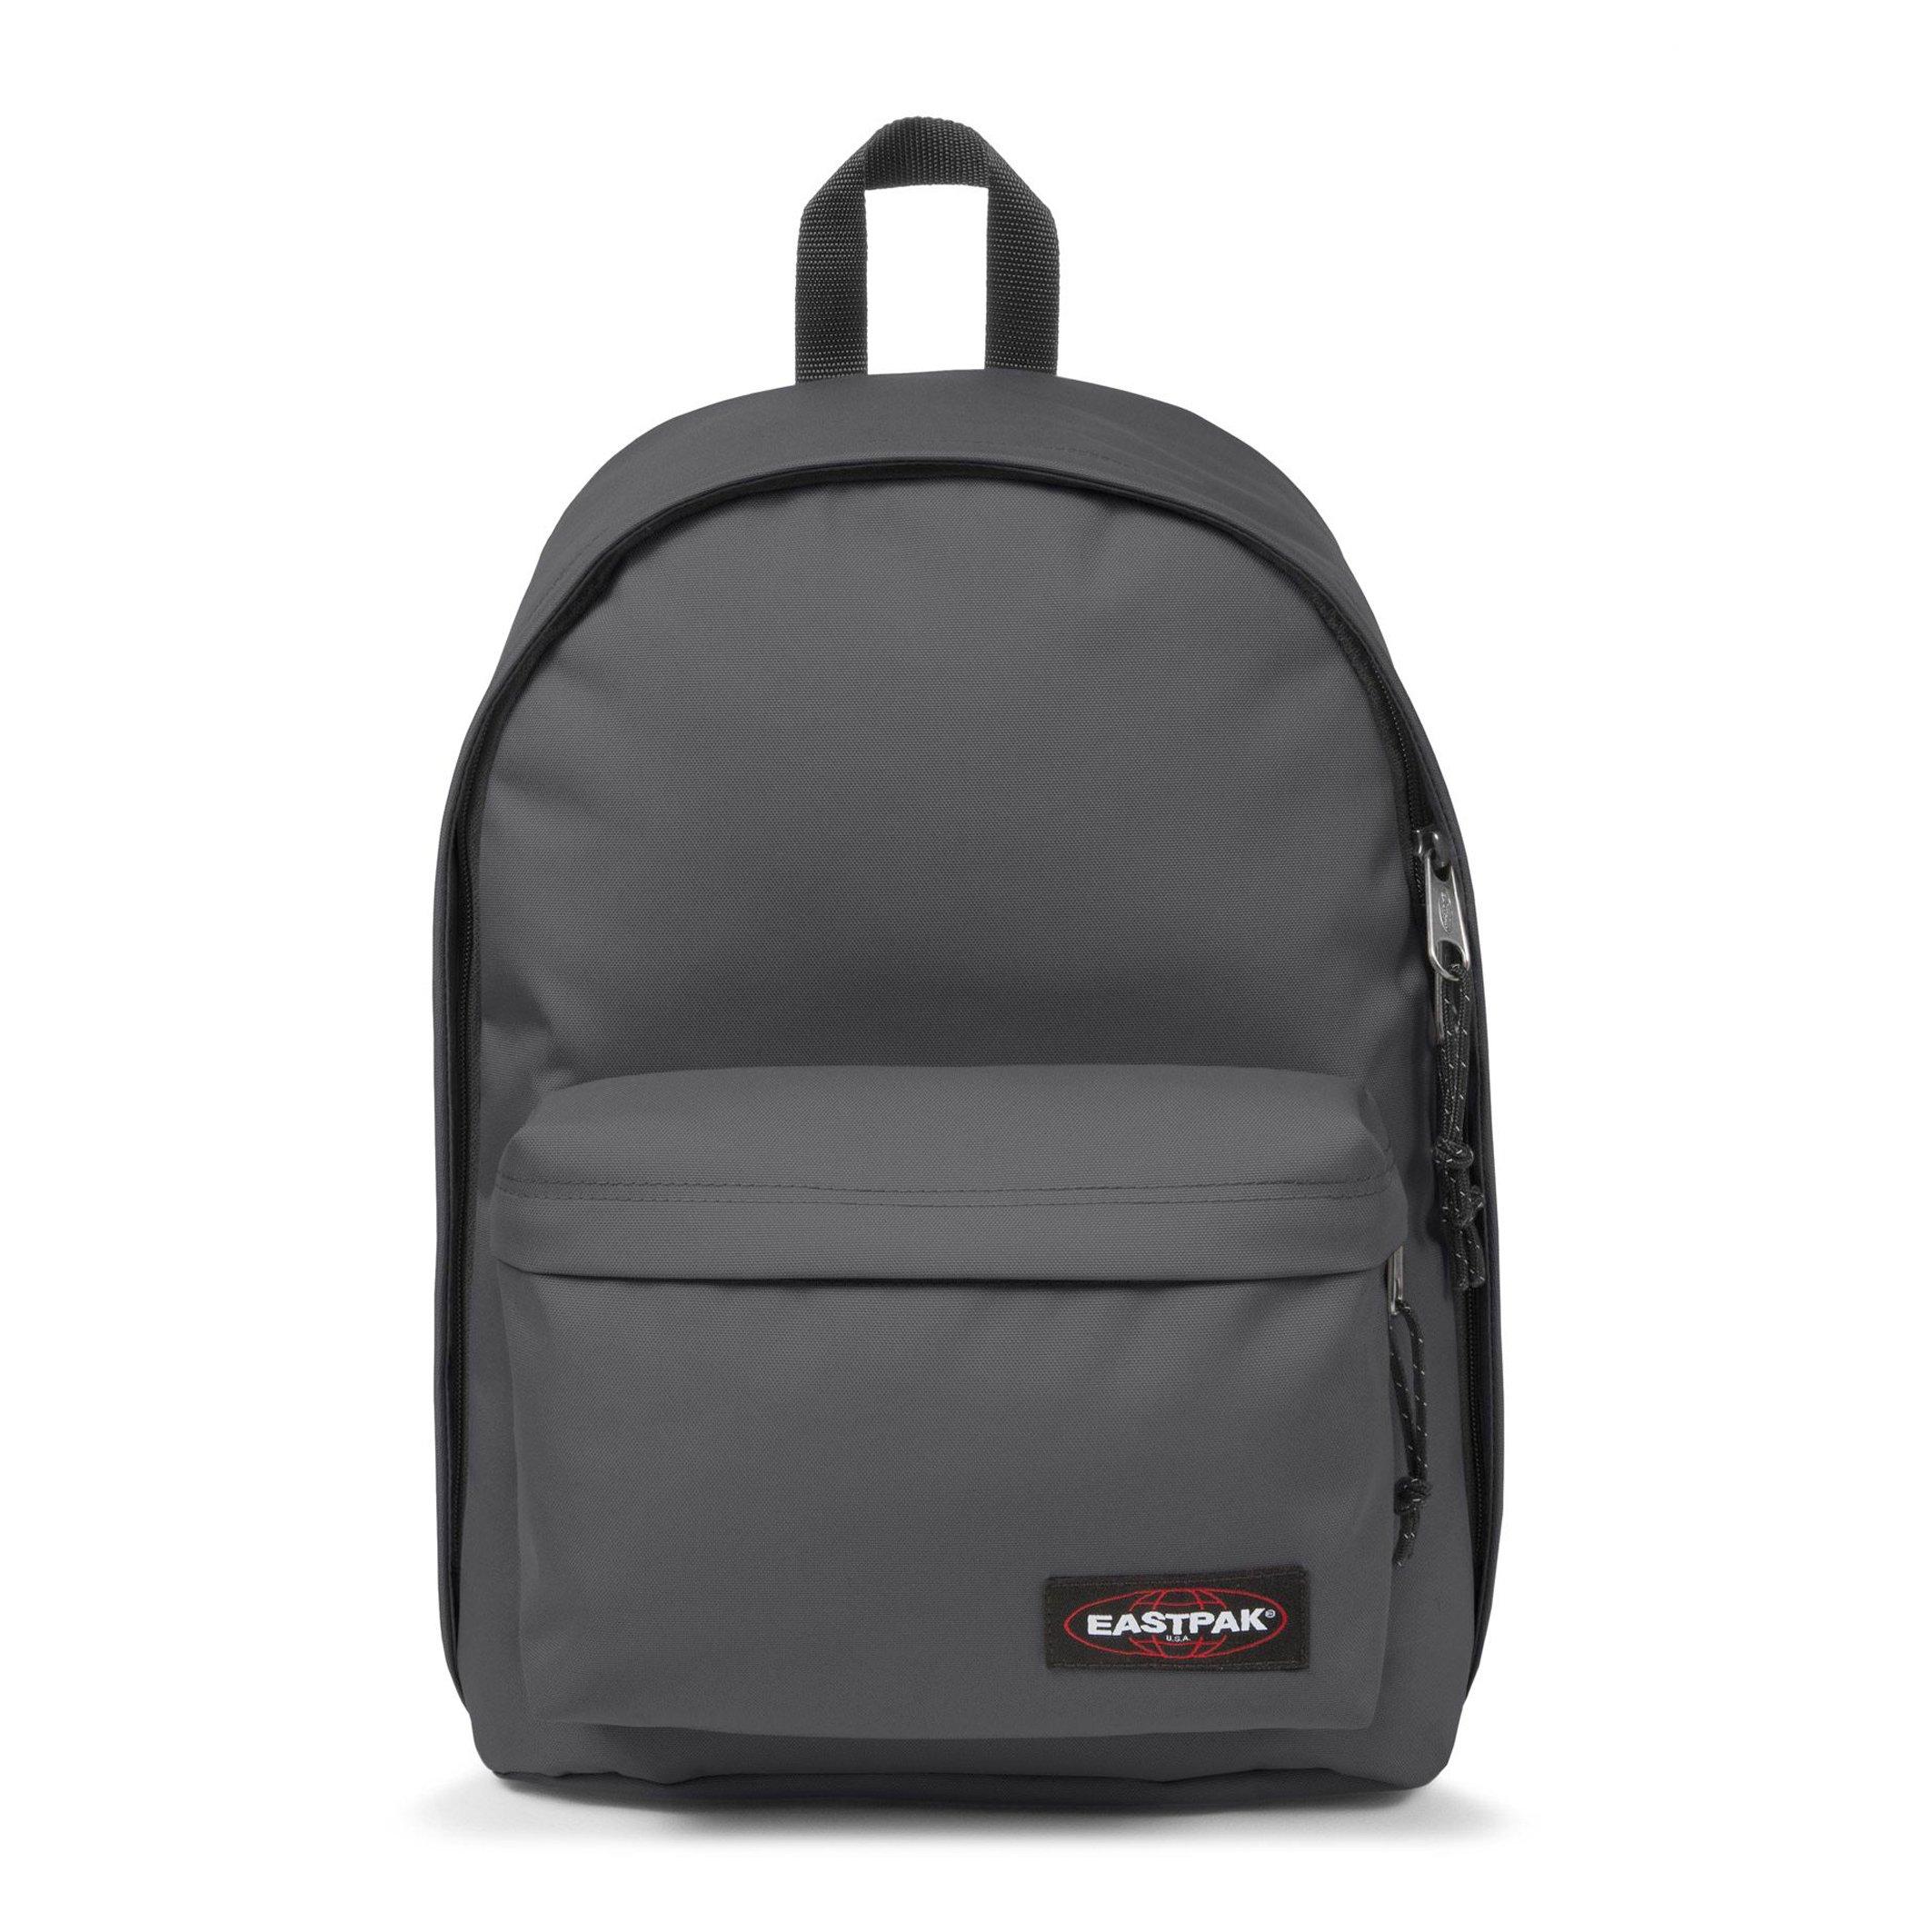 Eastpak Unisex Backpack Various Colours EK000767_K30 - grey NOSIZE